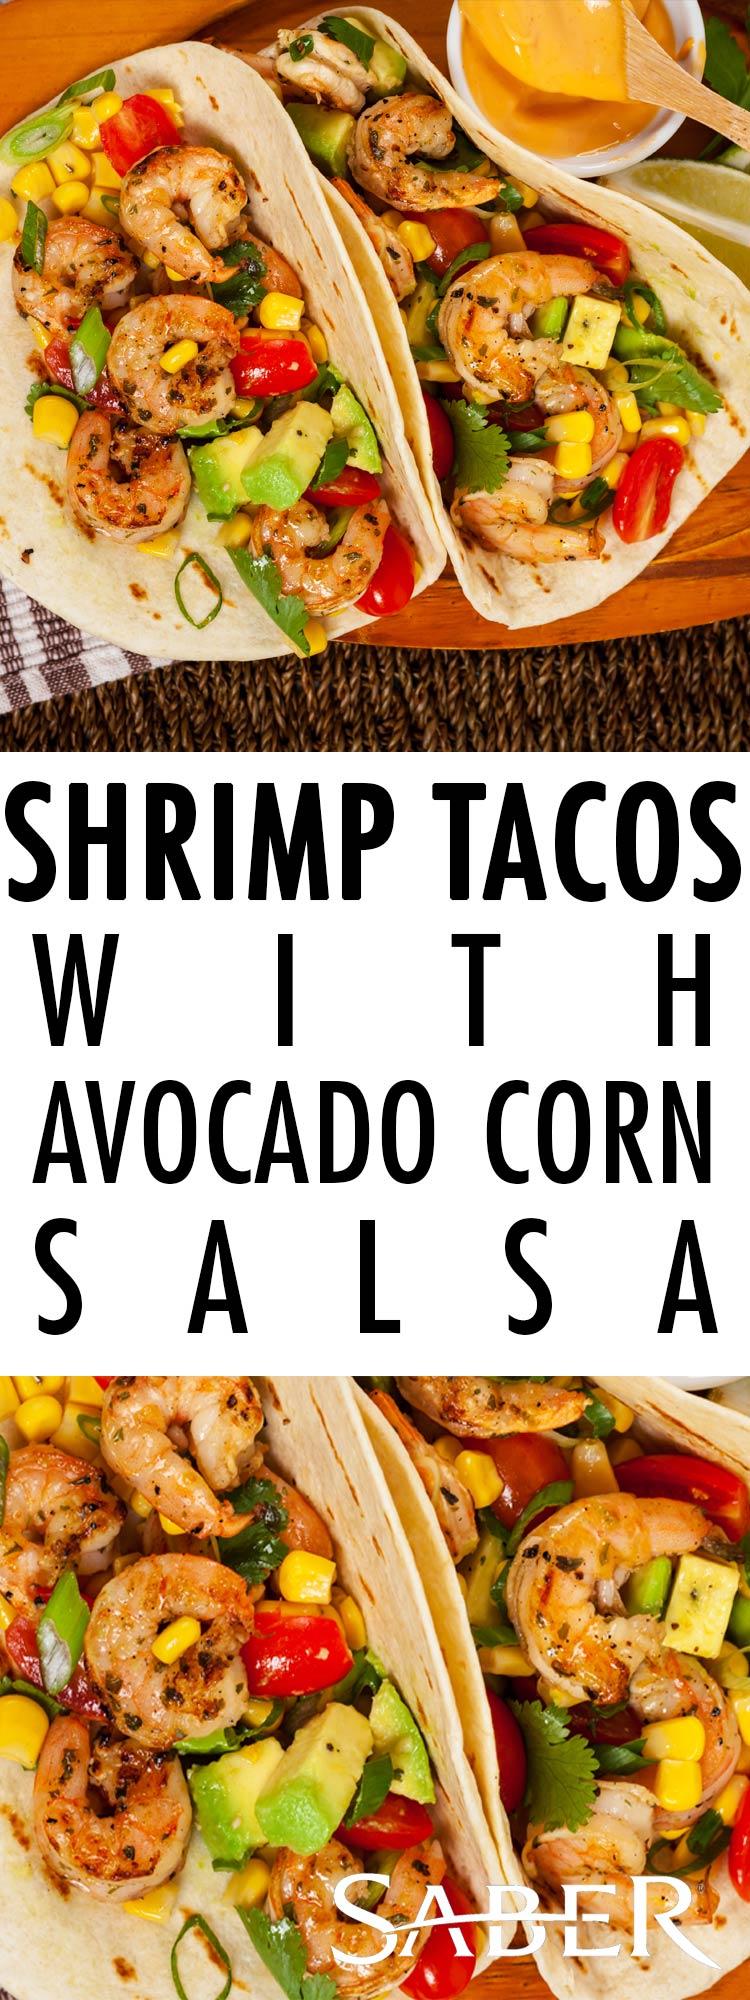 shrimp taco avocado corn salsa